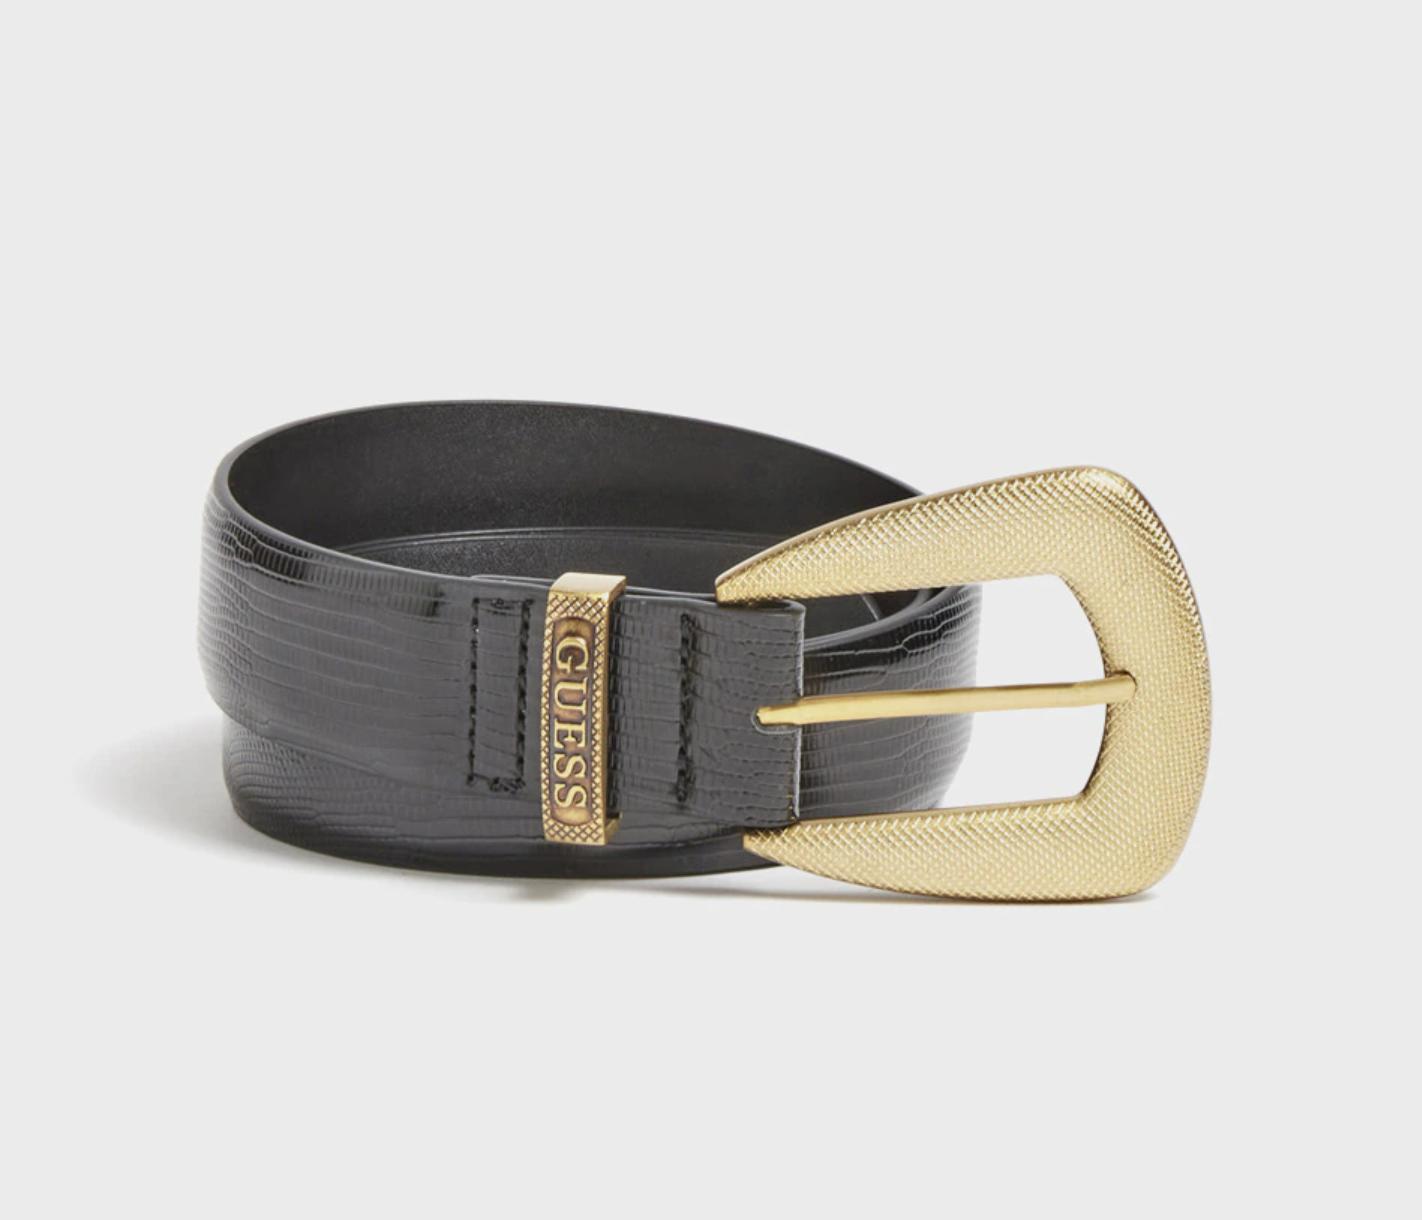 Cinturón en negro con hebilla dorada